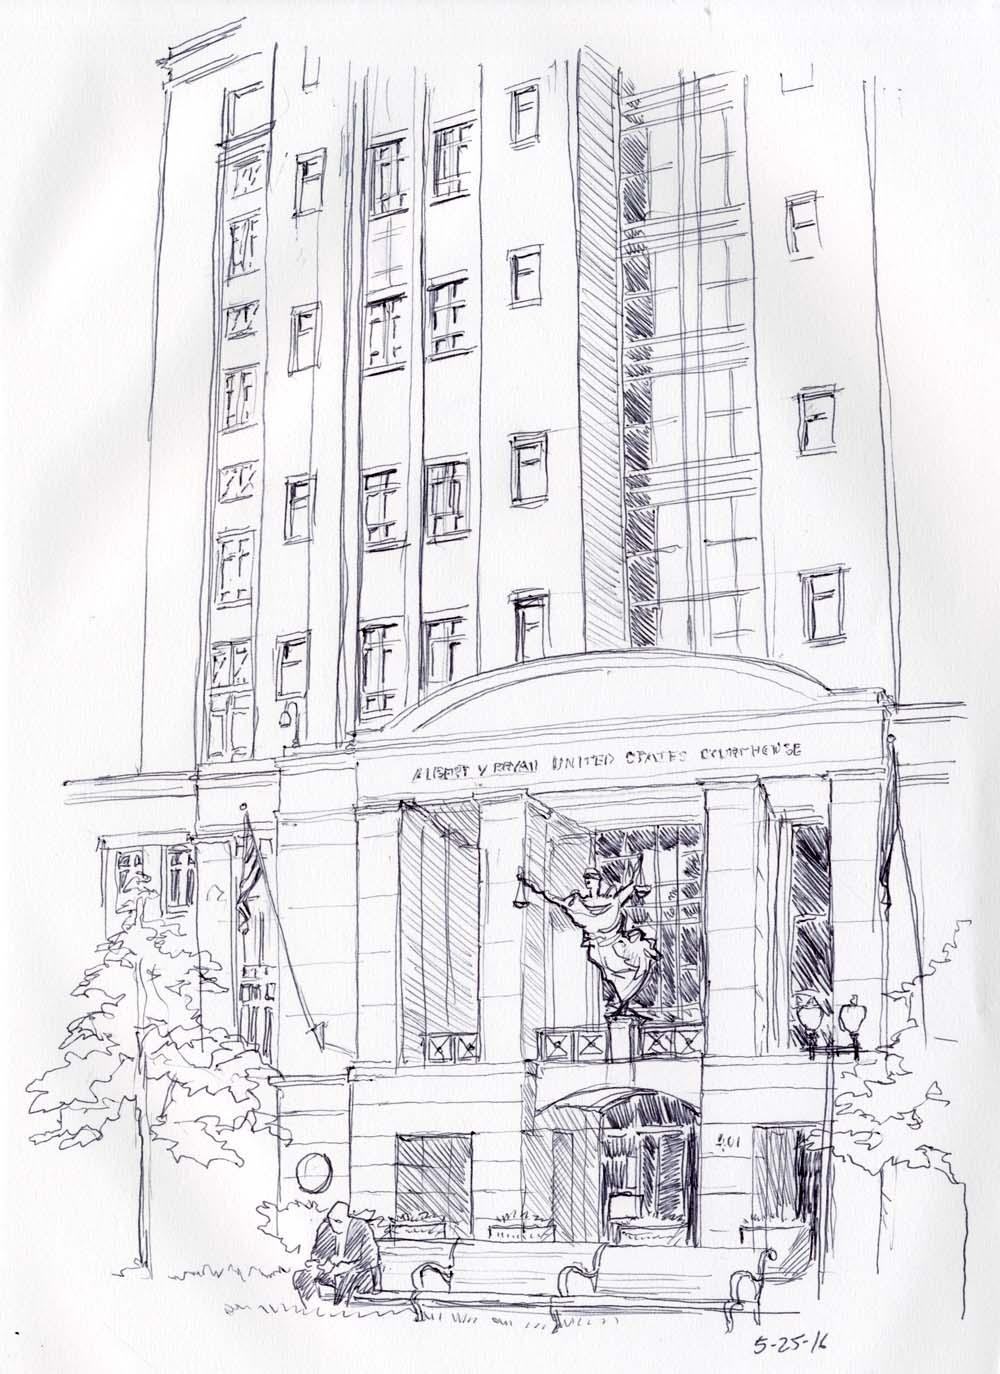 Courthouse, Alexandria